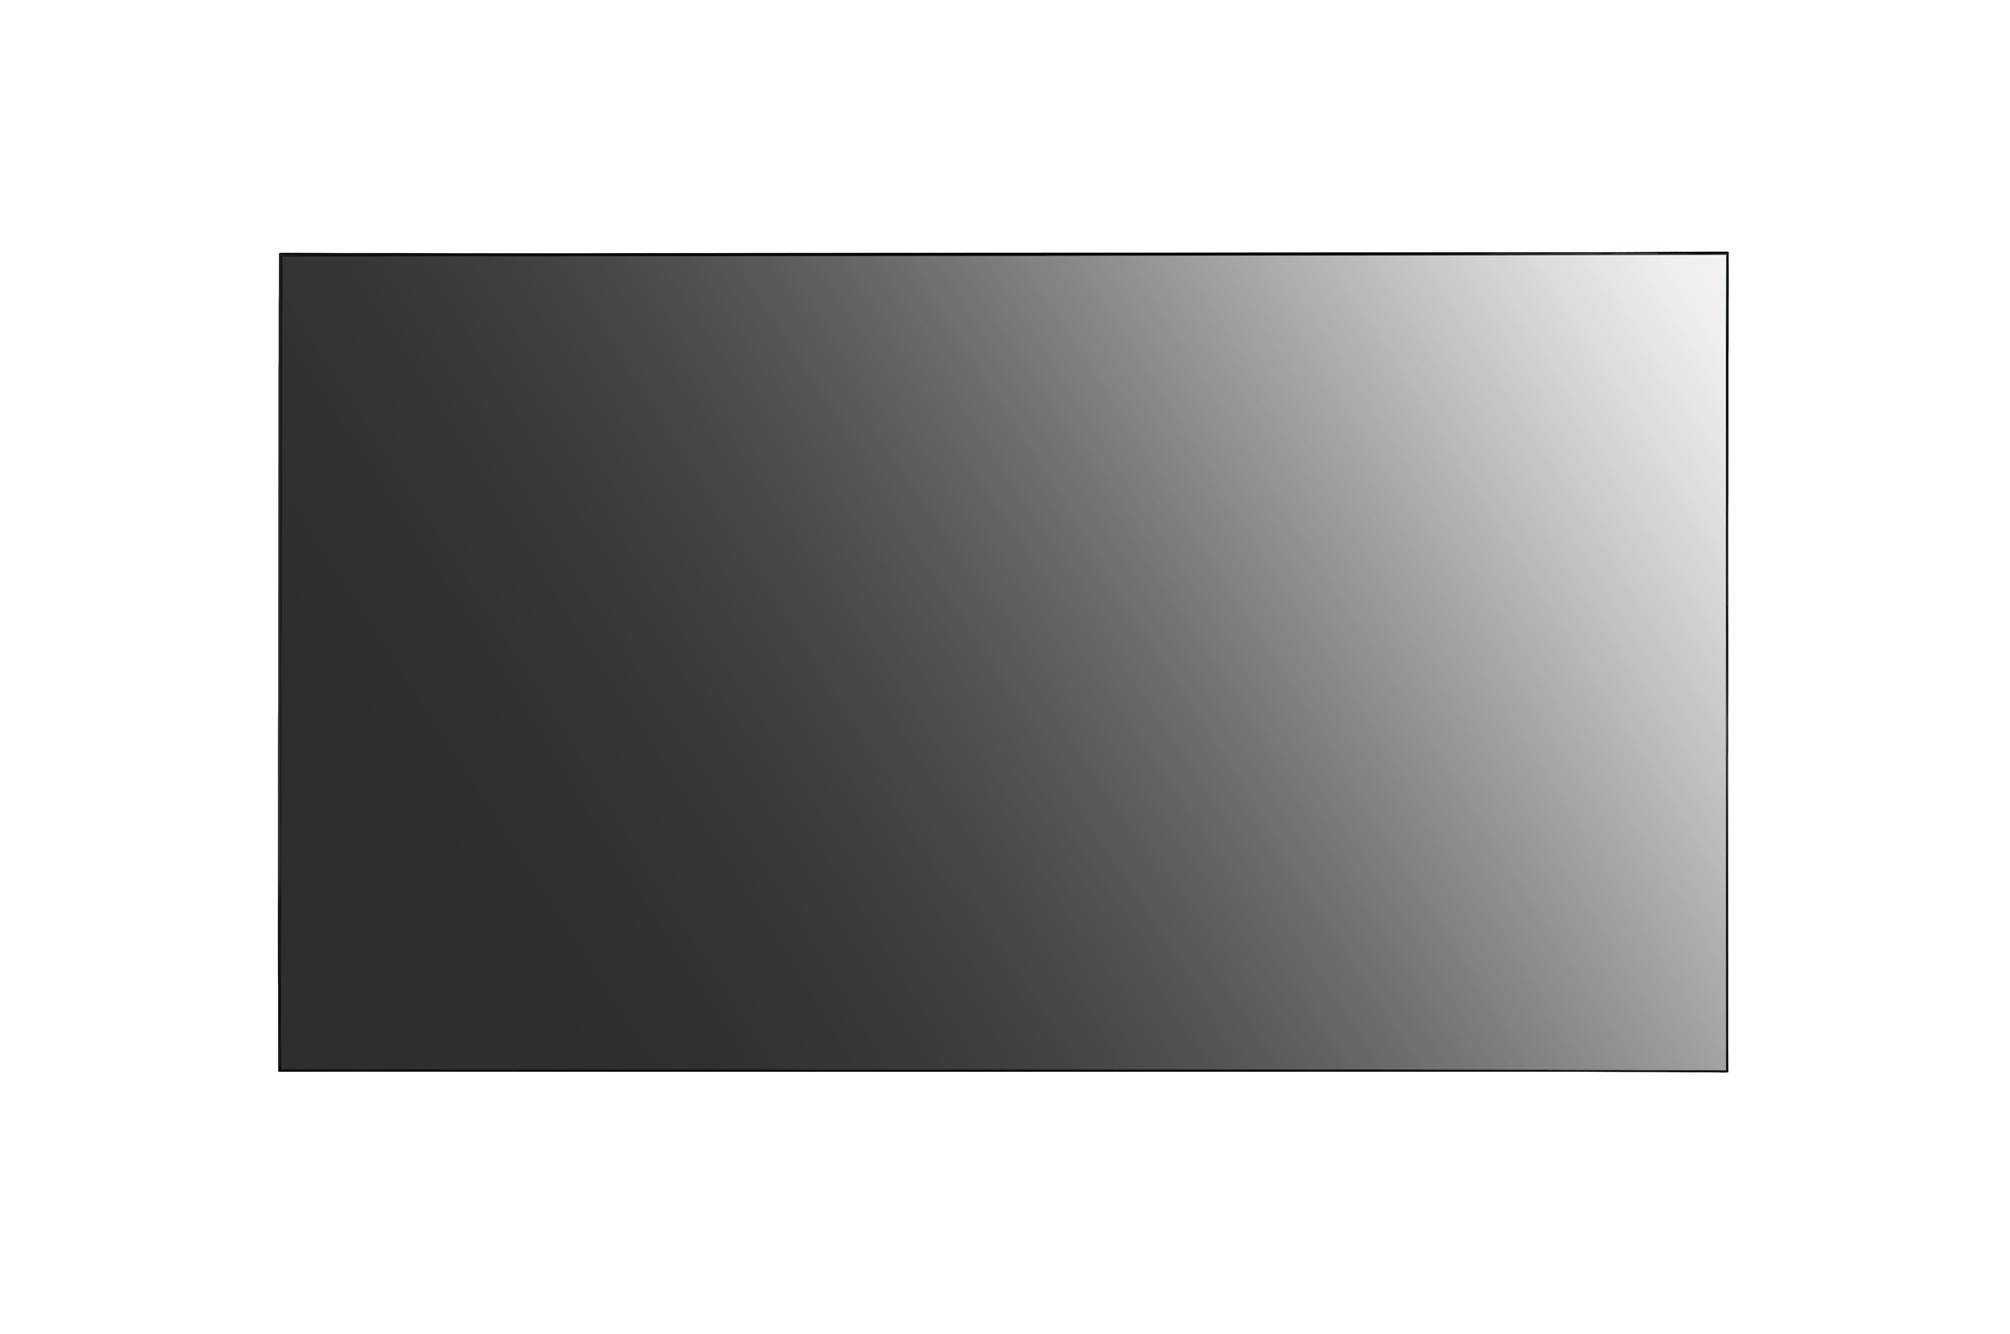 LG Video Wall 49VL5F-A 2